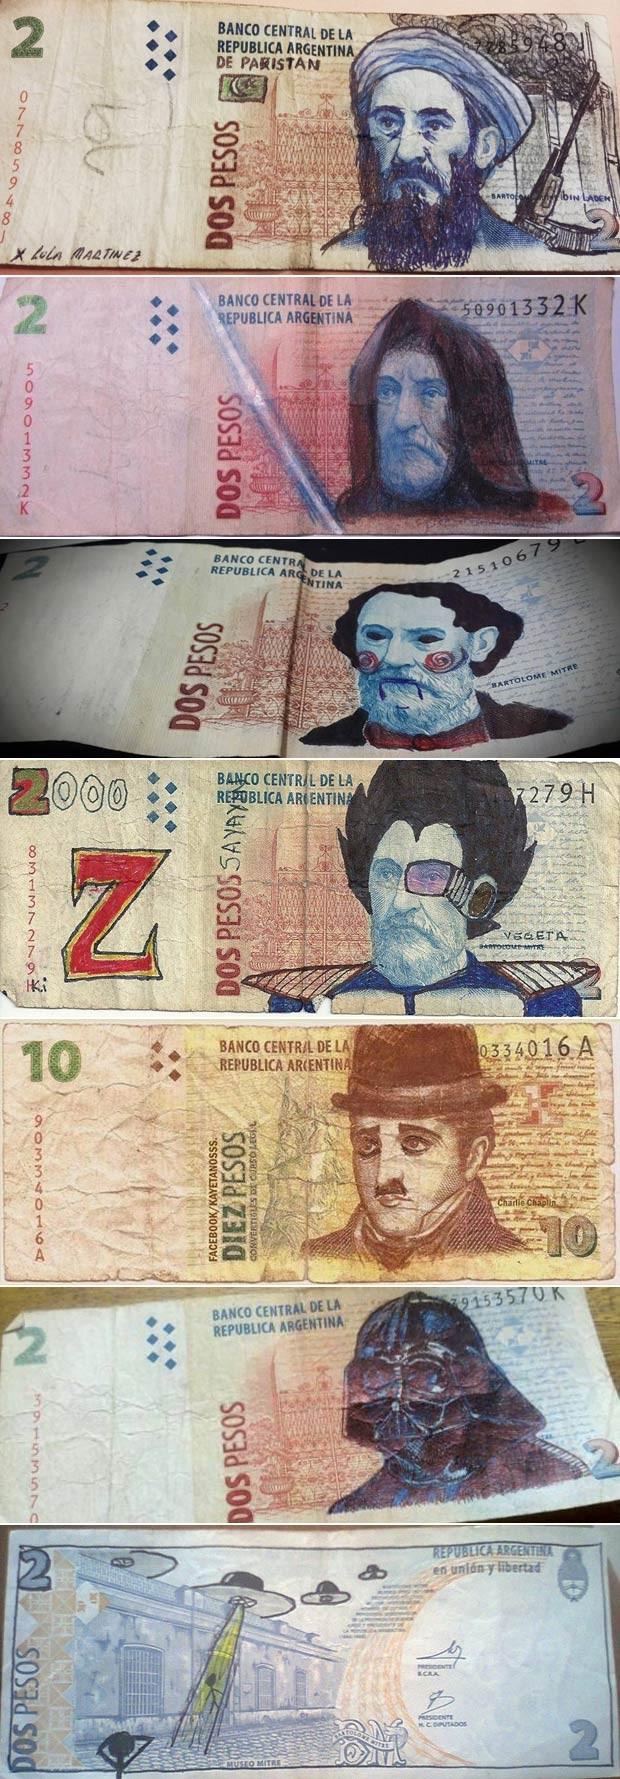 Usuários do Facebook postam fotos de seus desenhos na página que os compila (Foto: Reprodução/Facebook/Los Billetes Andan Diciendo)